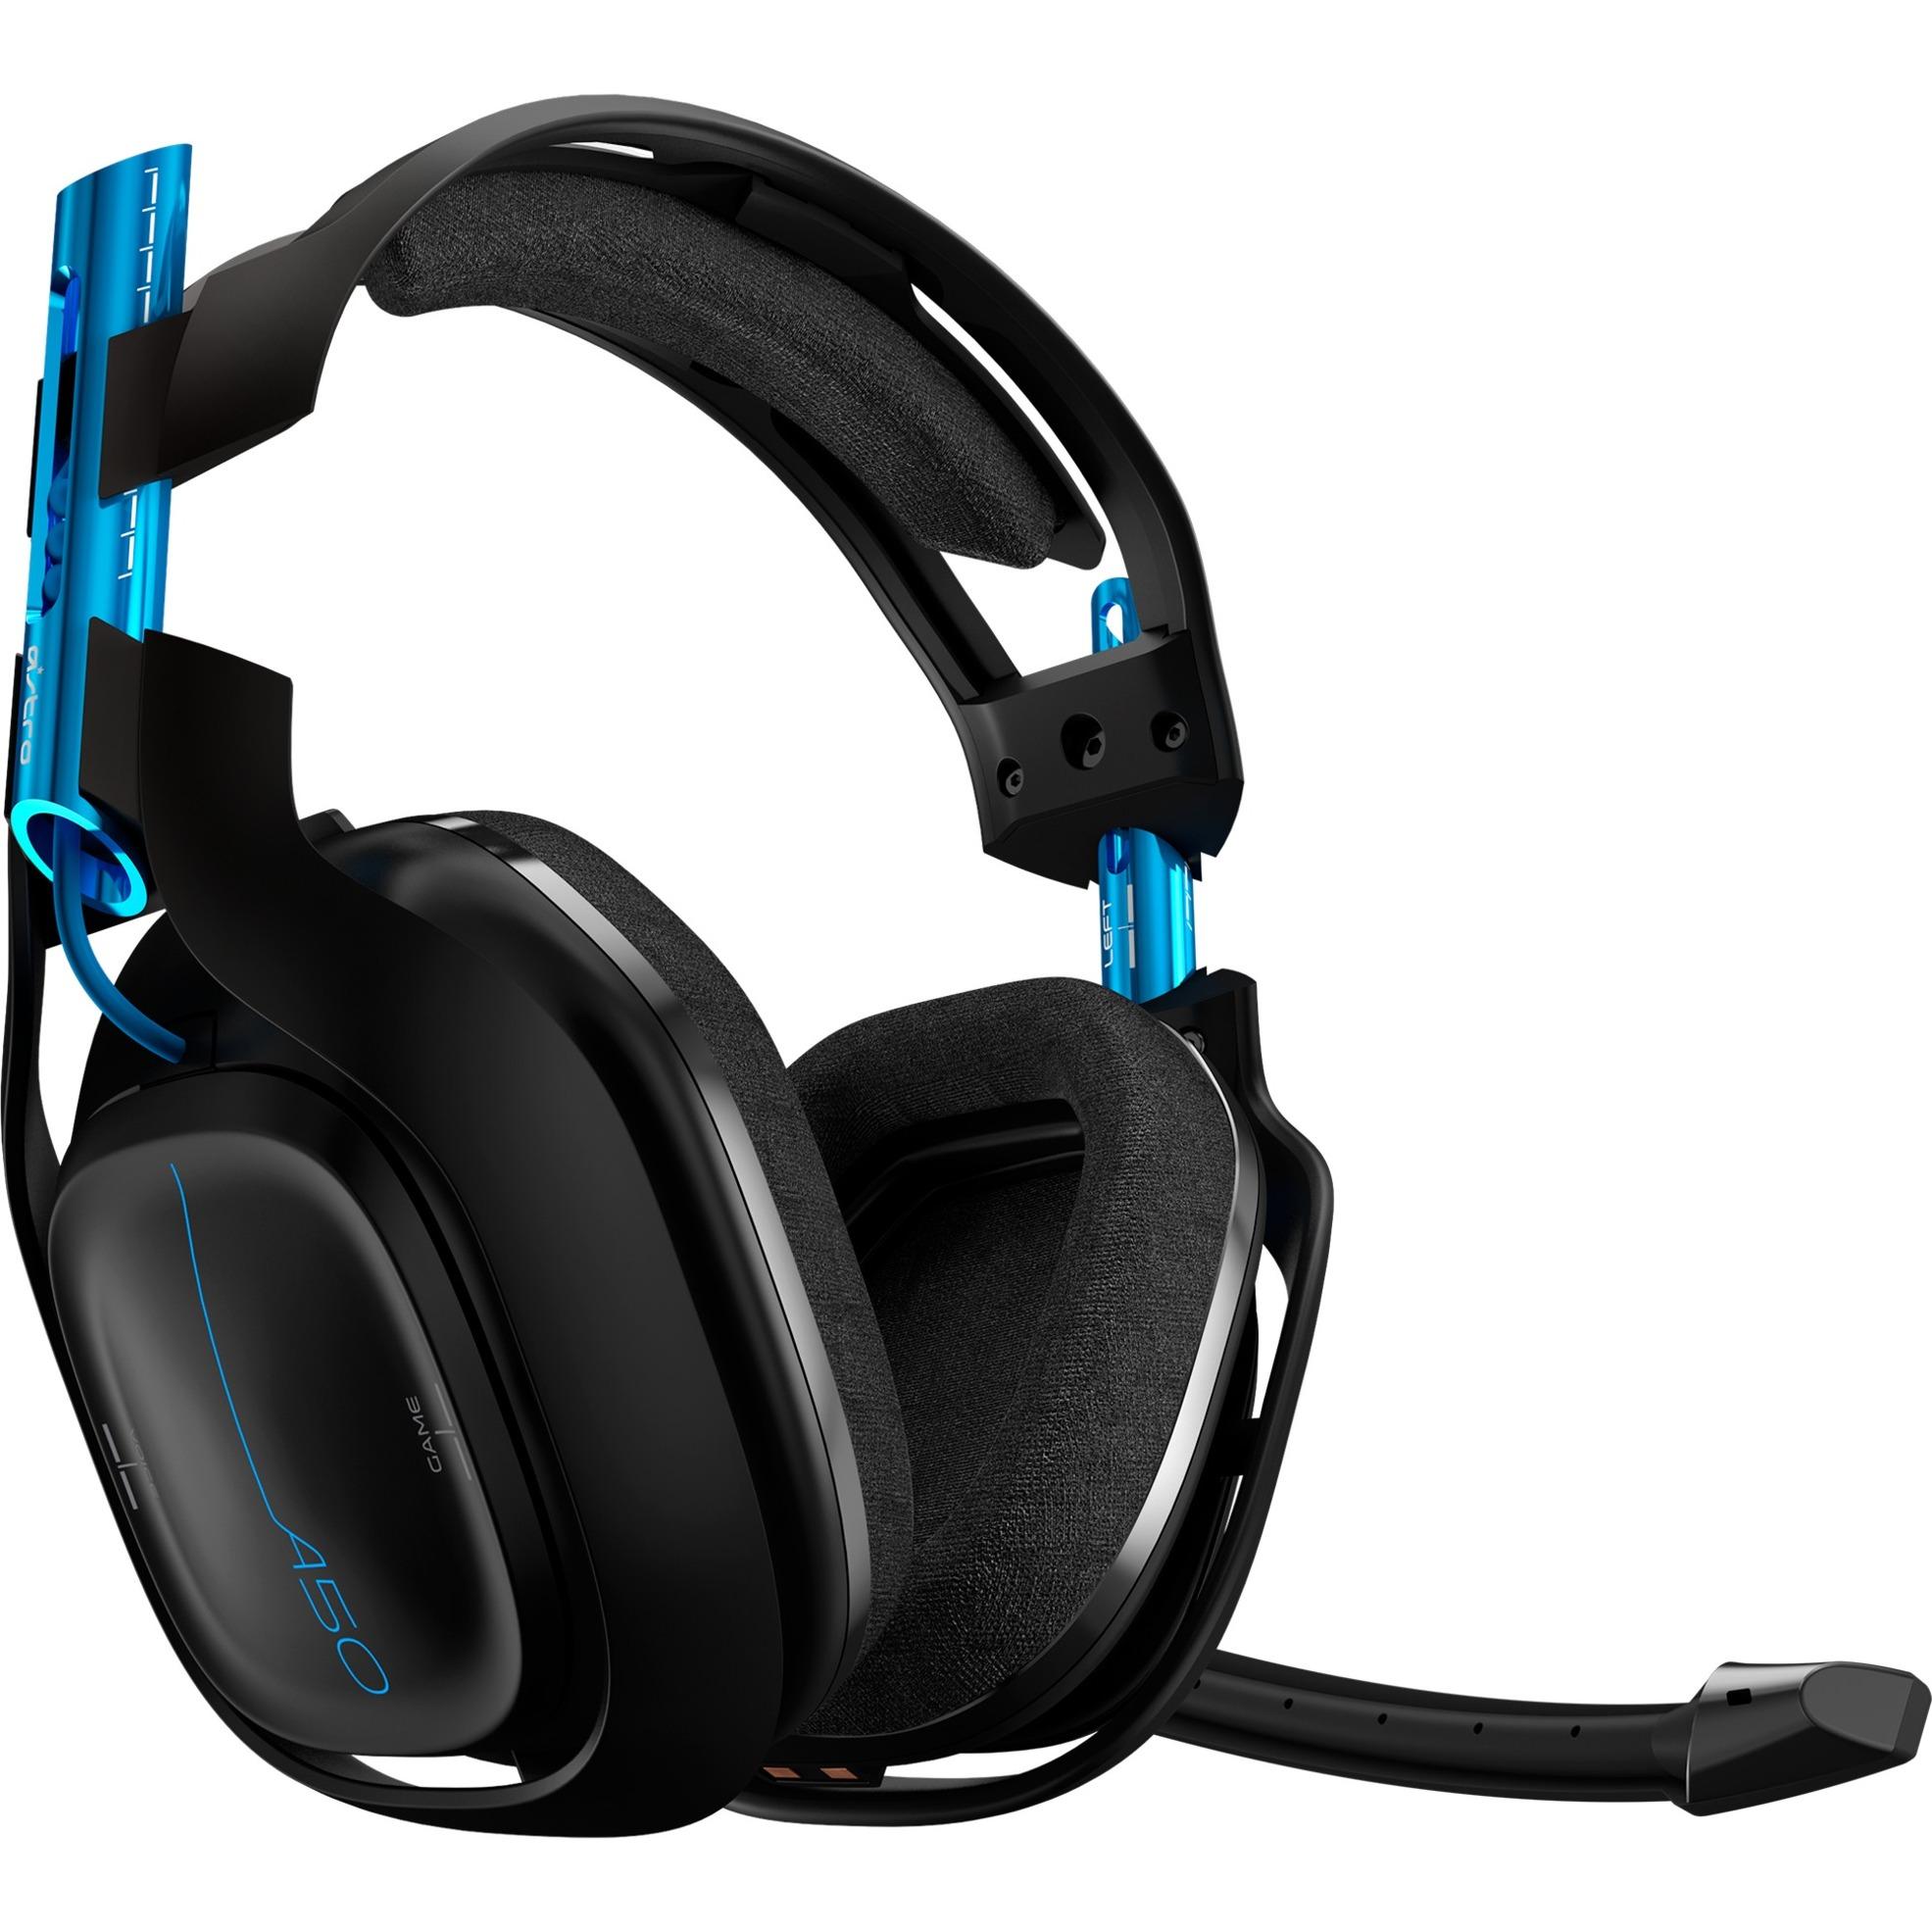 A50 Wireless Headset + Base Station Auriculares Diadema Negro, Azul, Auriculares con micrófono